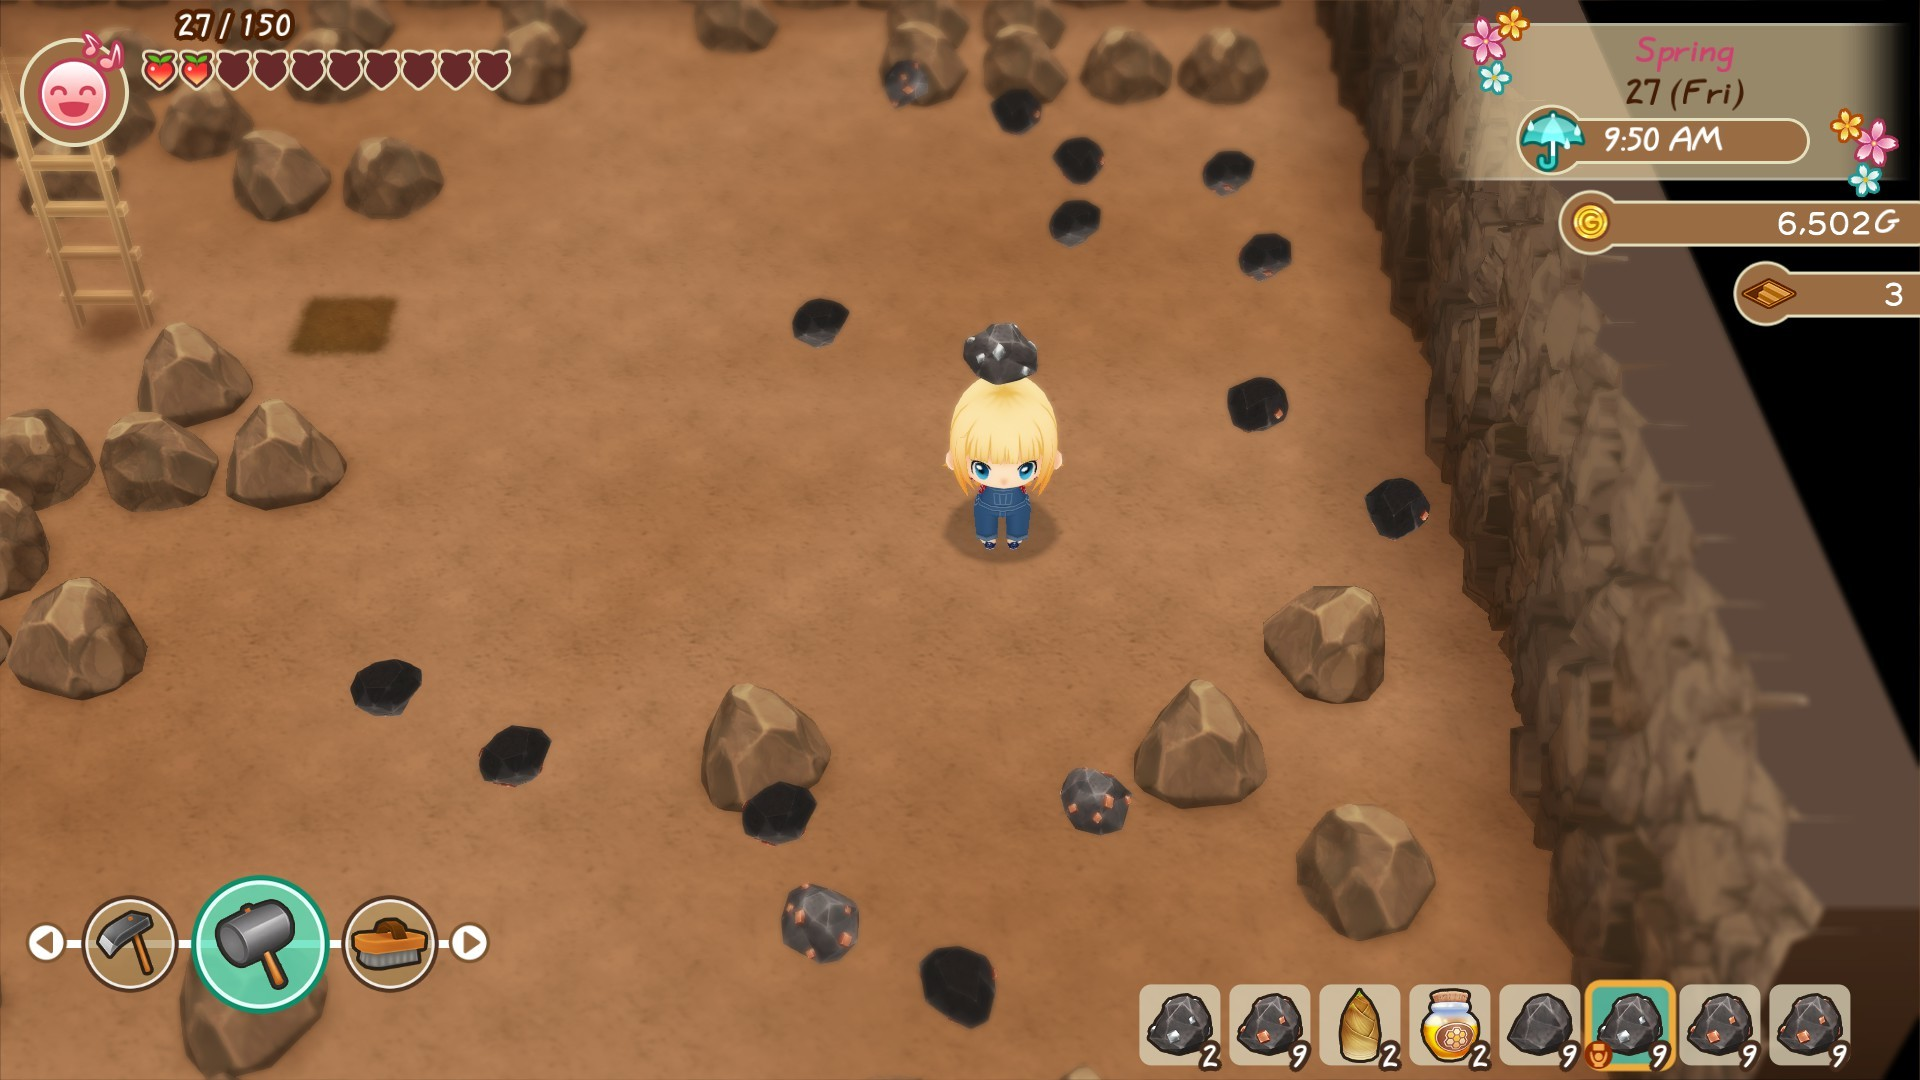 牧场物语:重聚矿石镇 模拟经营新游